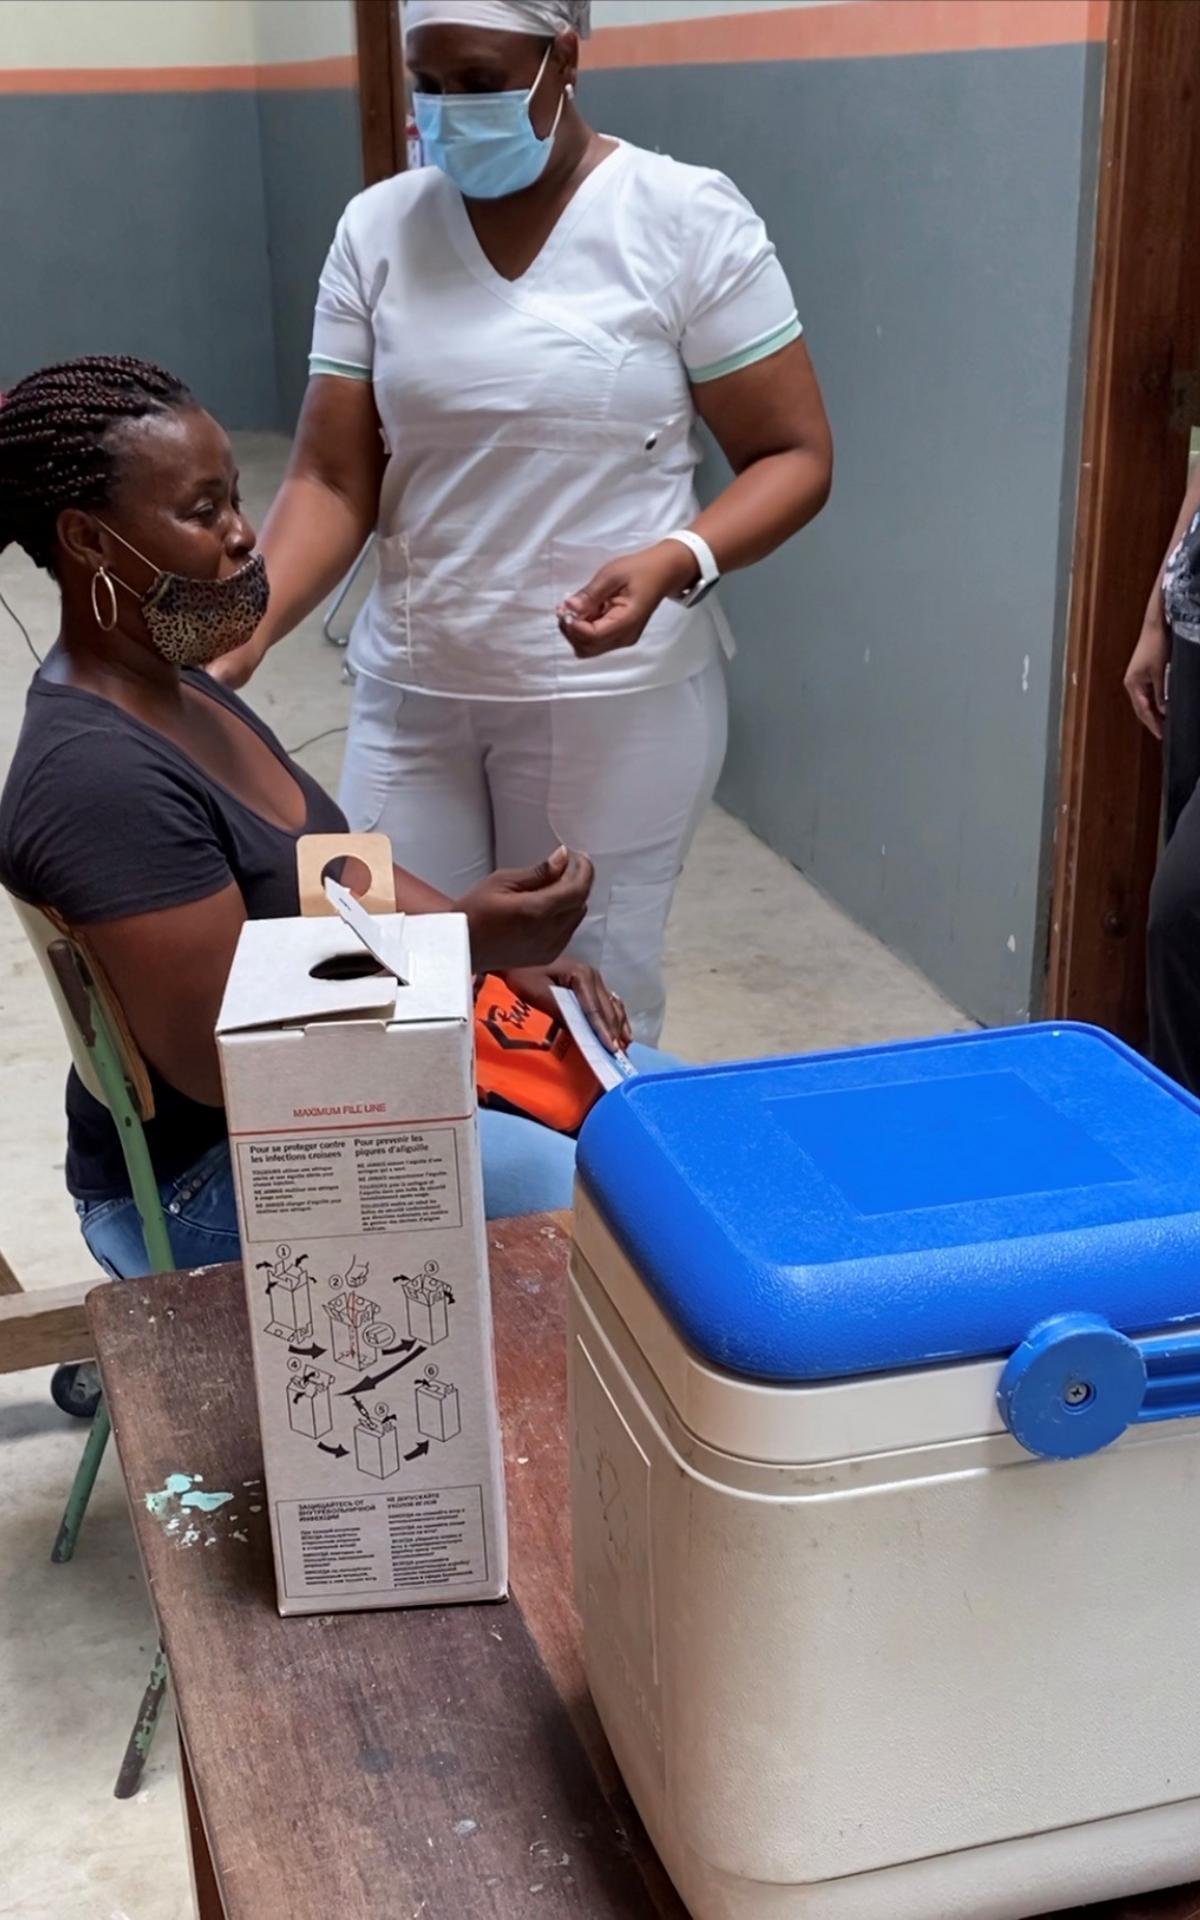 Fin avril 2021, une infirmière se prépare à administrer le vaccin contre la COVID-19 aux résidents de Belize City